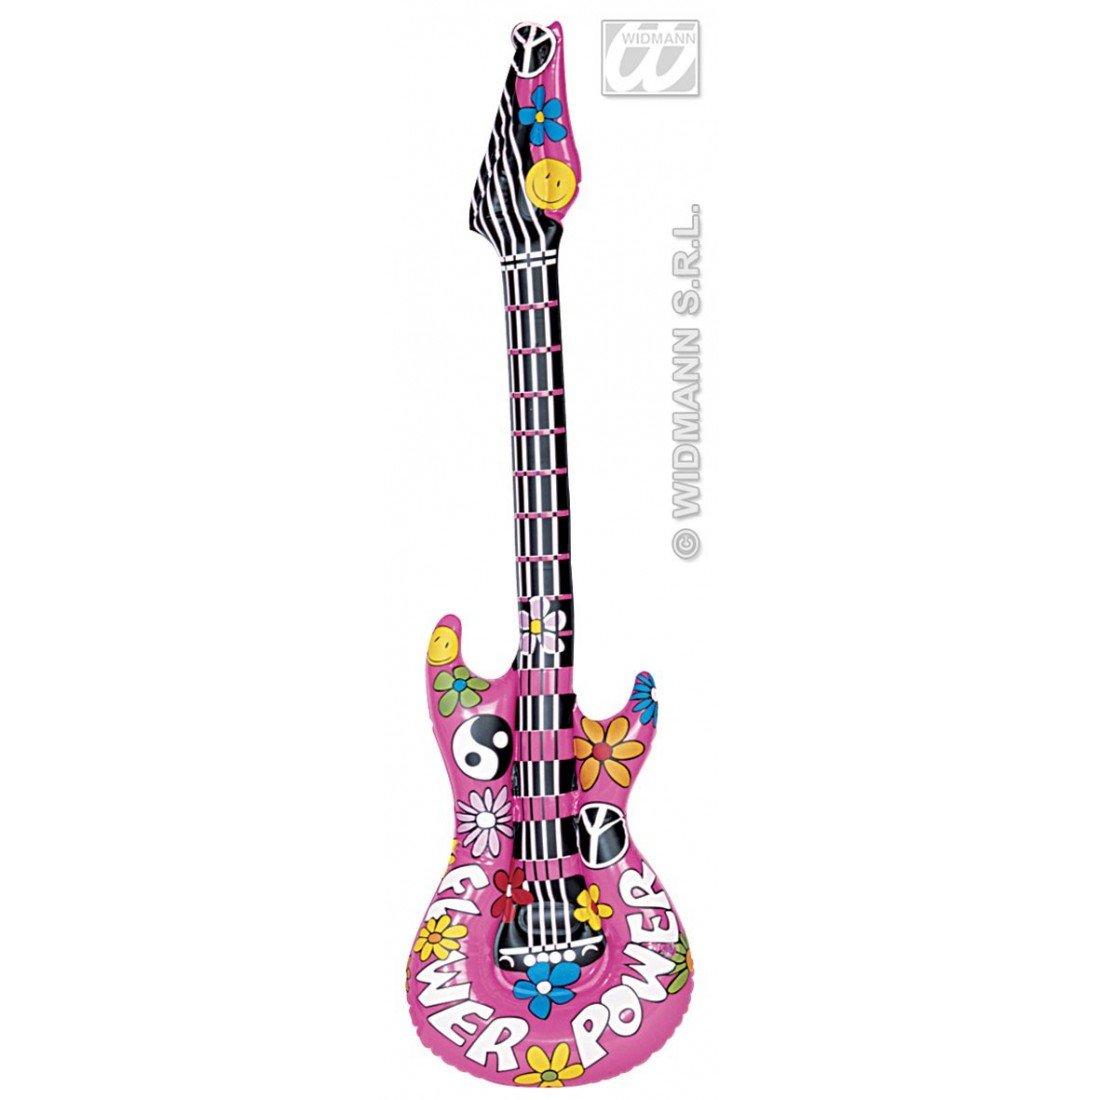 widmann-wdm23943 disfraz Adulto Unisex, Multicolor, wdm23943: Amazon.es: Juguetes y juegos